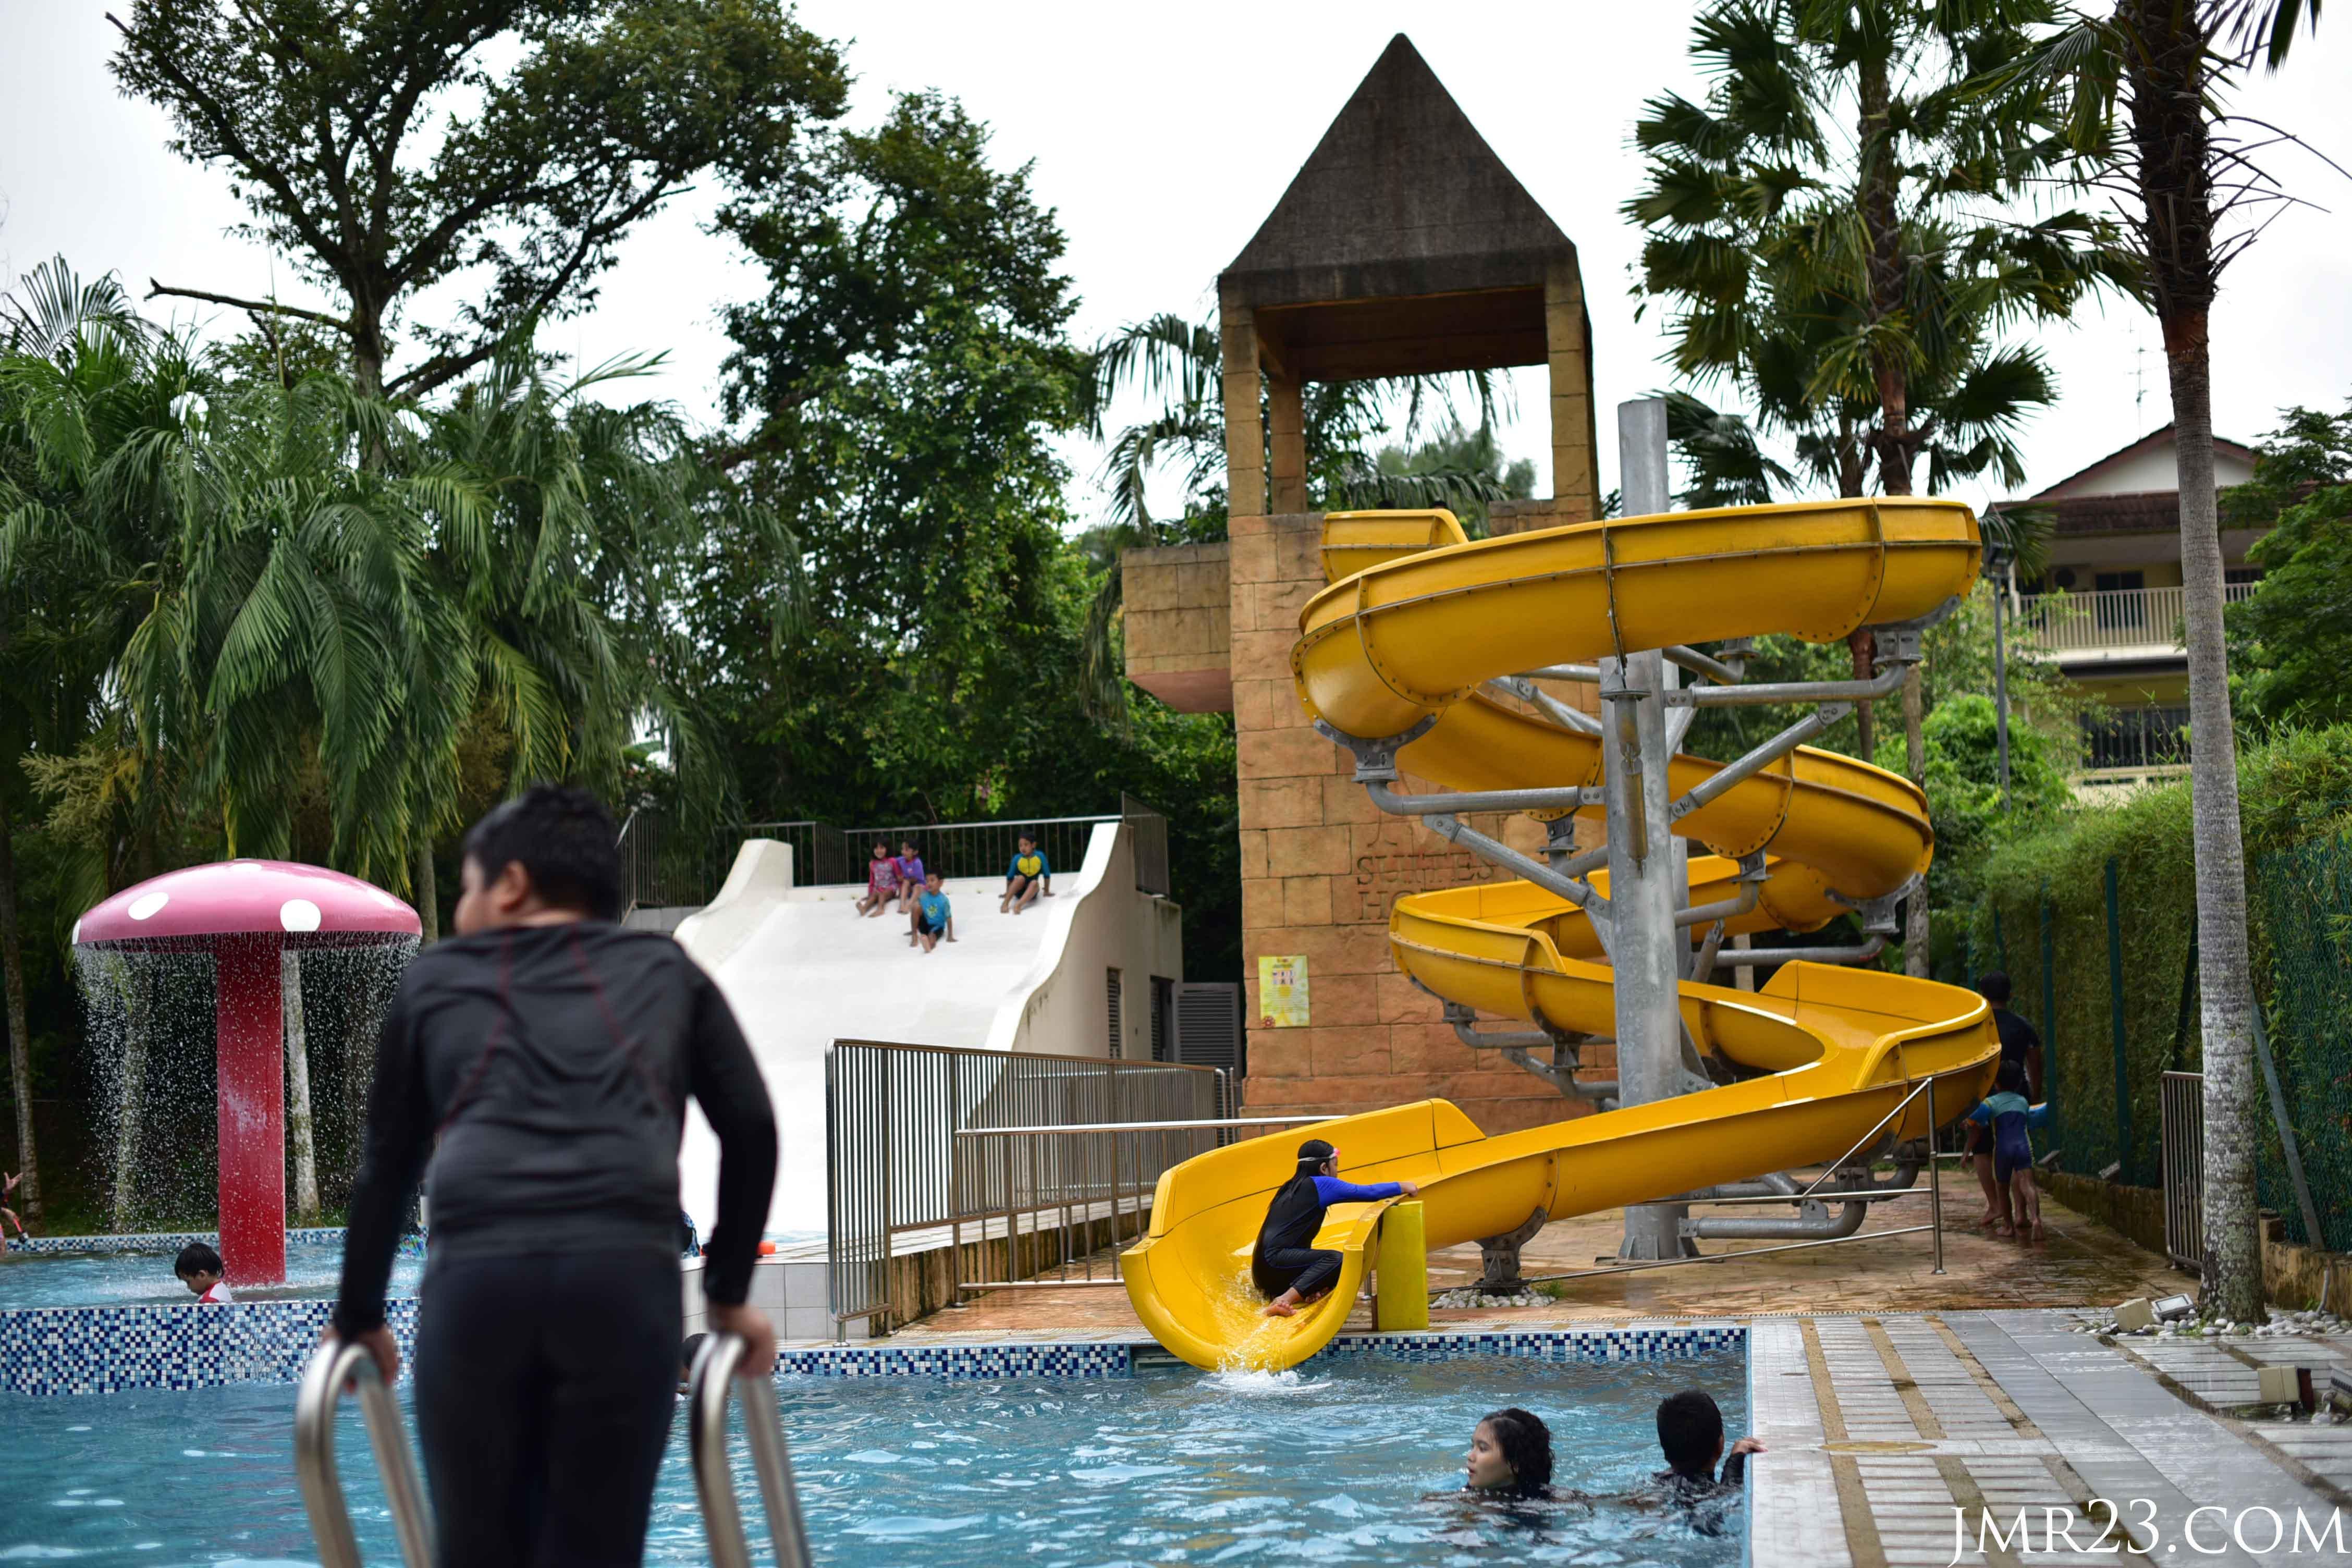 M suites Johor hotel